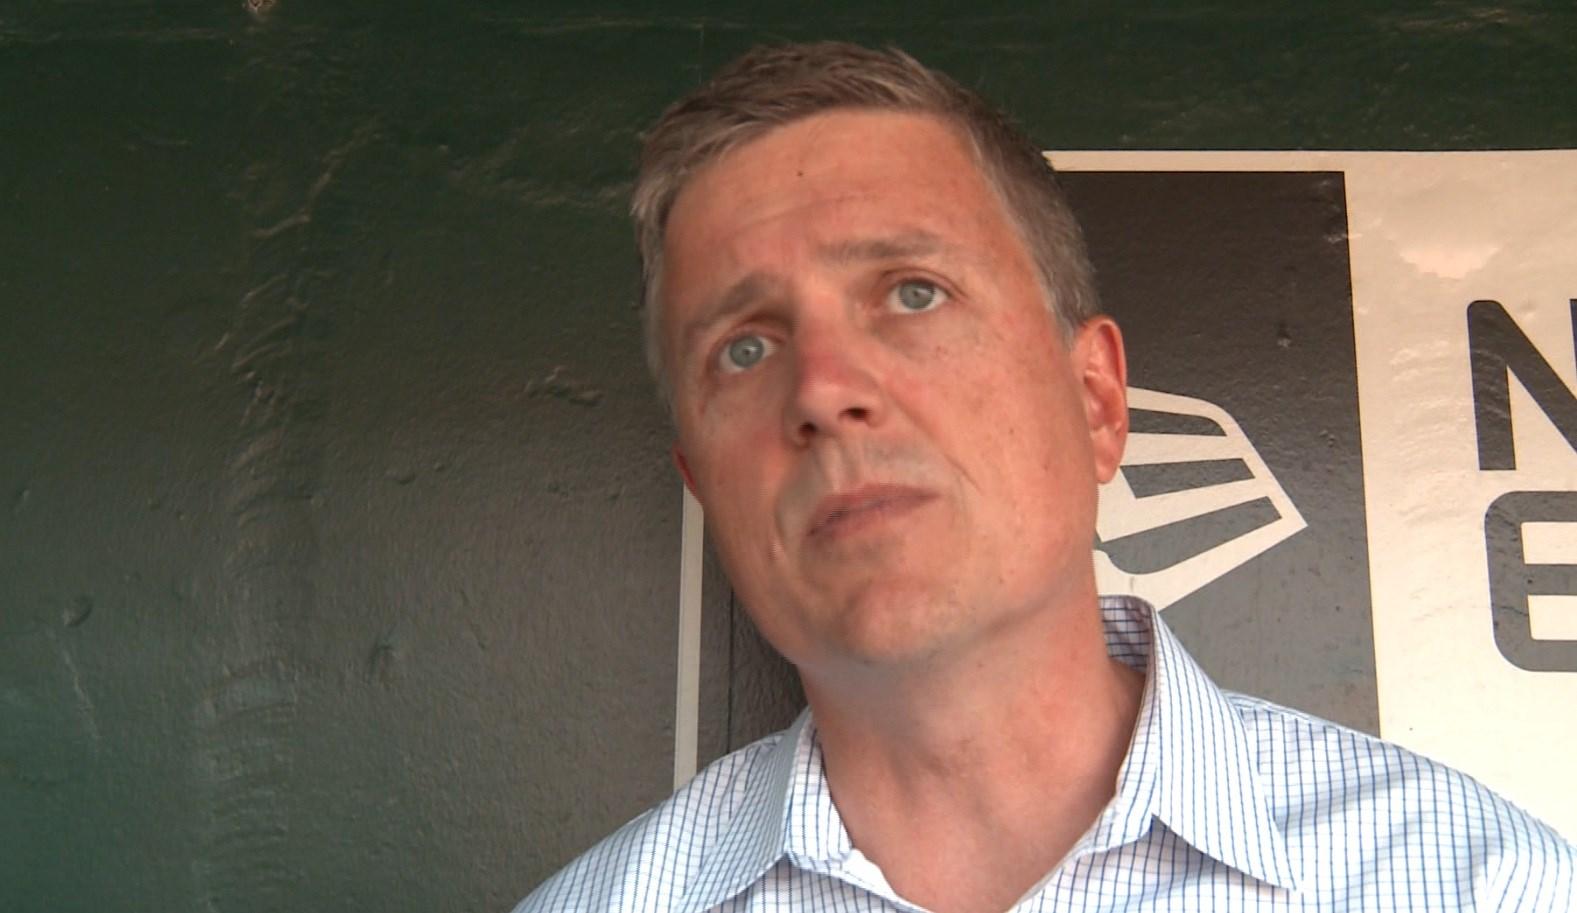 Jeff Luhnow at Busch Stadium in August, 2012